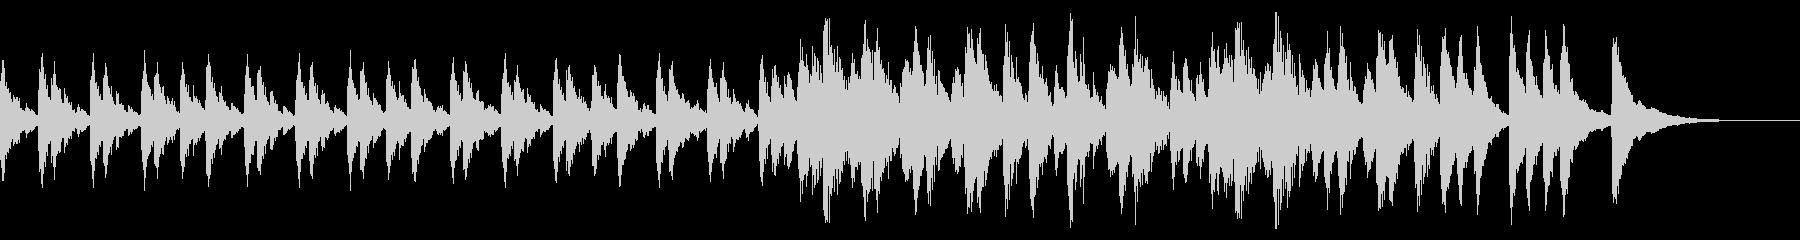 サンバdeマリンバの未再生の波形